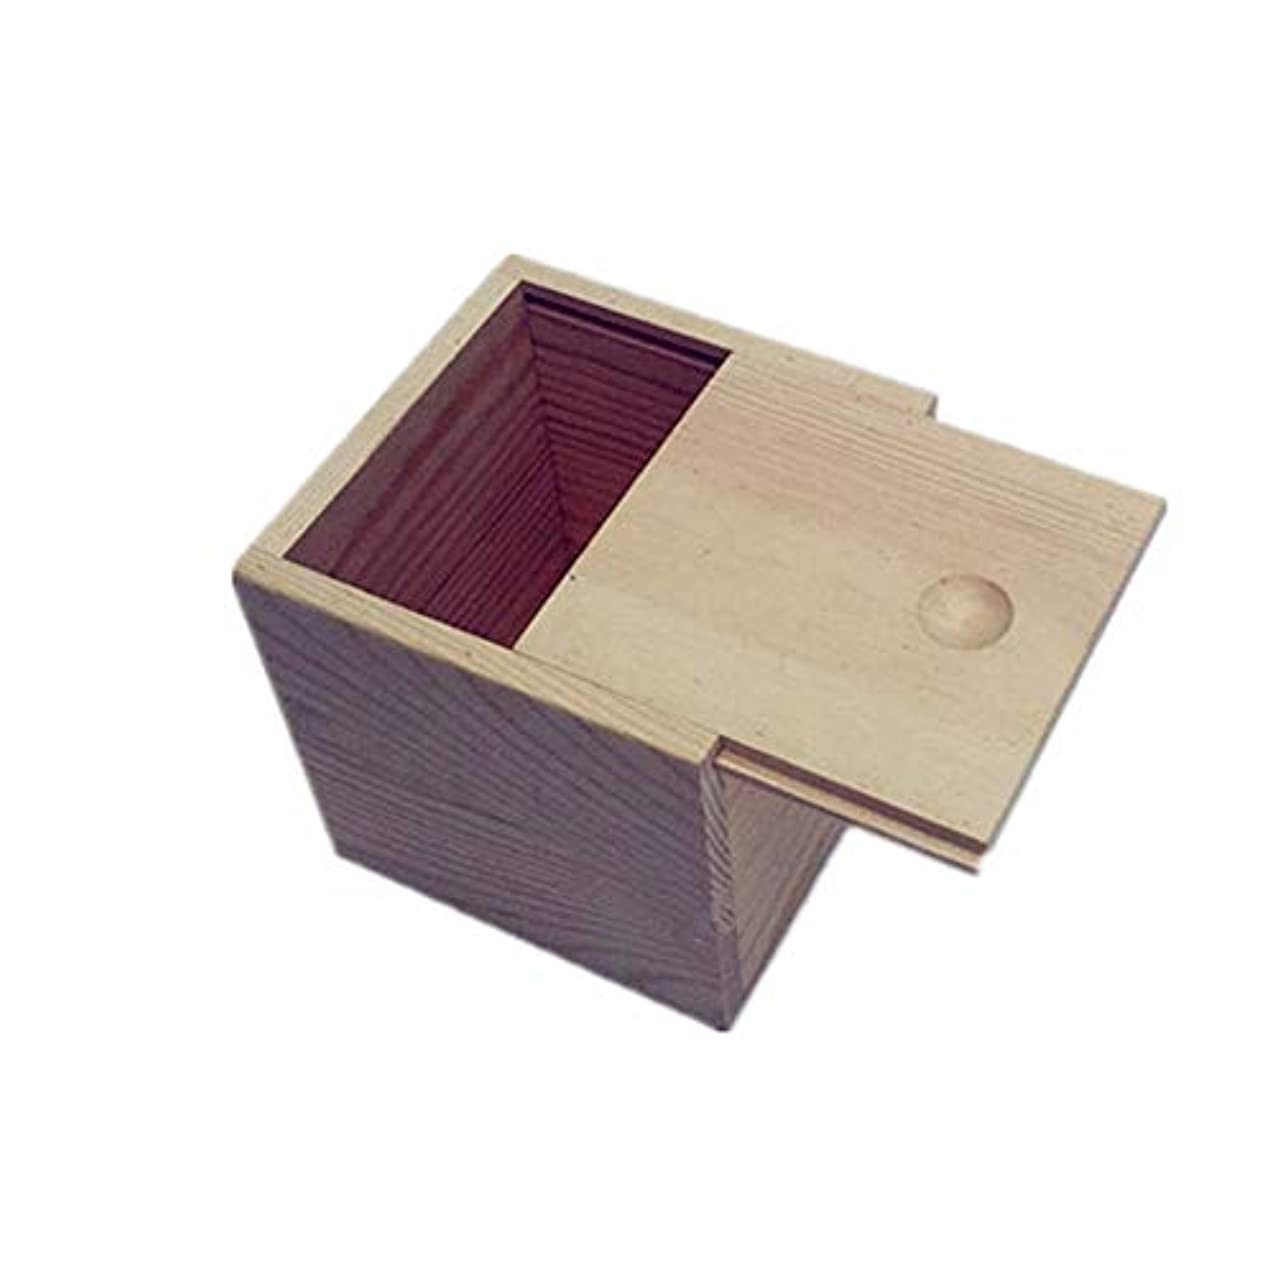 アンソロジー悲しみ全国エッセンシャルオイルストレージボックス 木製のエッセンシャルオイルストレージボックス安全なスペースセーバーあなたの油を維持するためのベスト 旅行およびプレゼンテーション用 (色 : Natural, サイズ : 9X9X5CM)